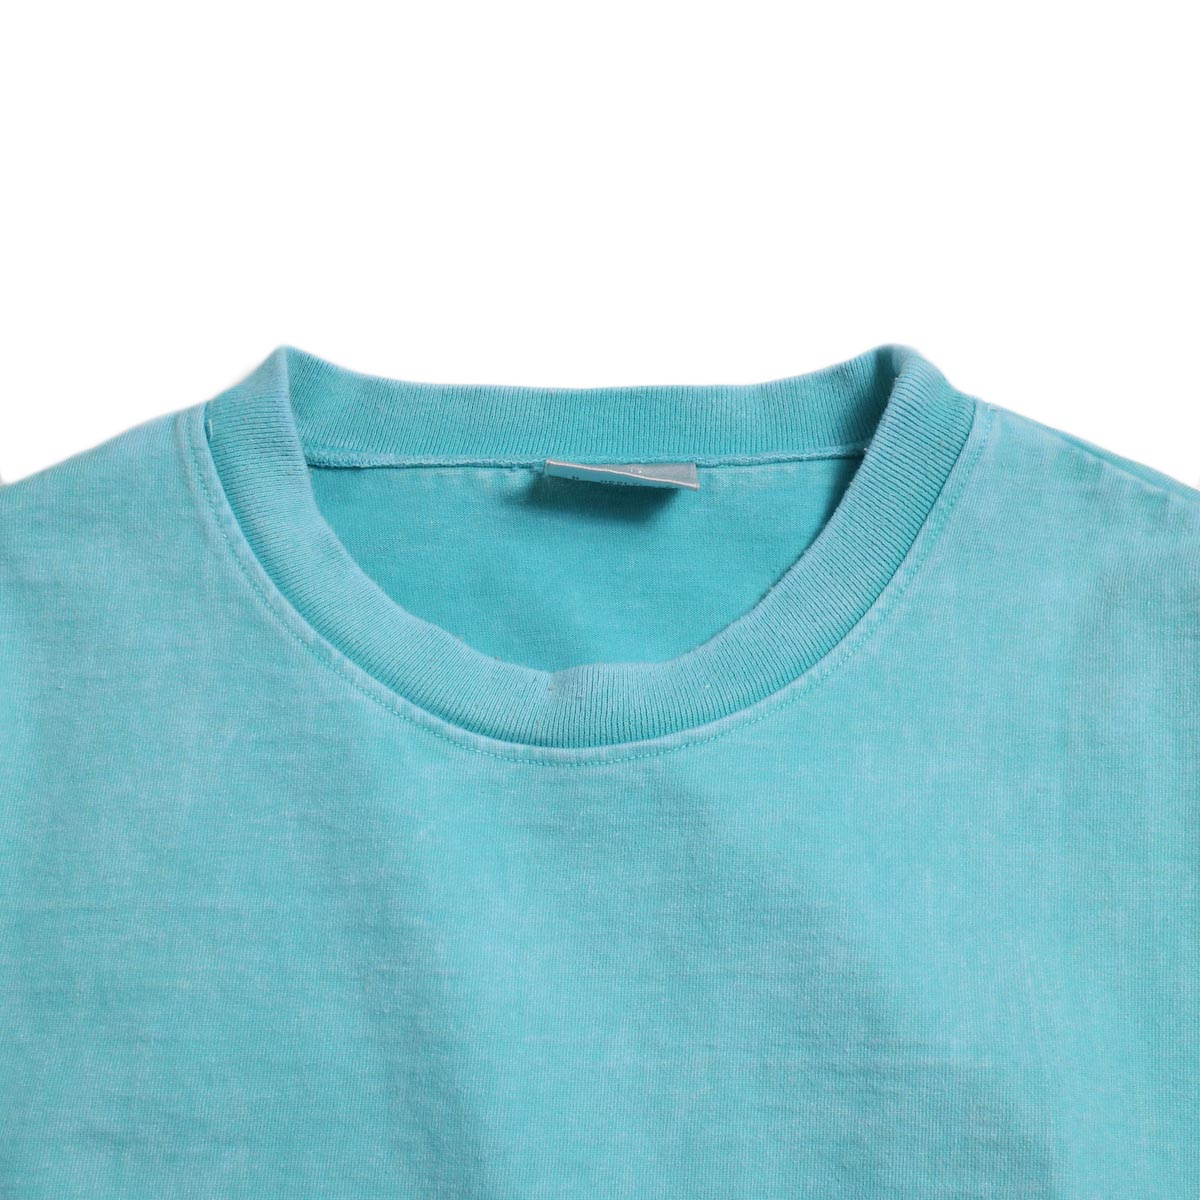 N.HOOLYWOOD × Gramicci  / 191-CS27-024 Short Sleeve Tee -Turquoise 襟